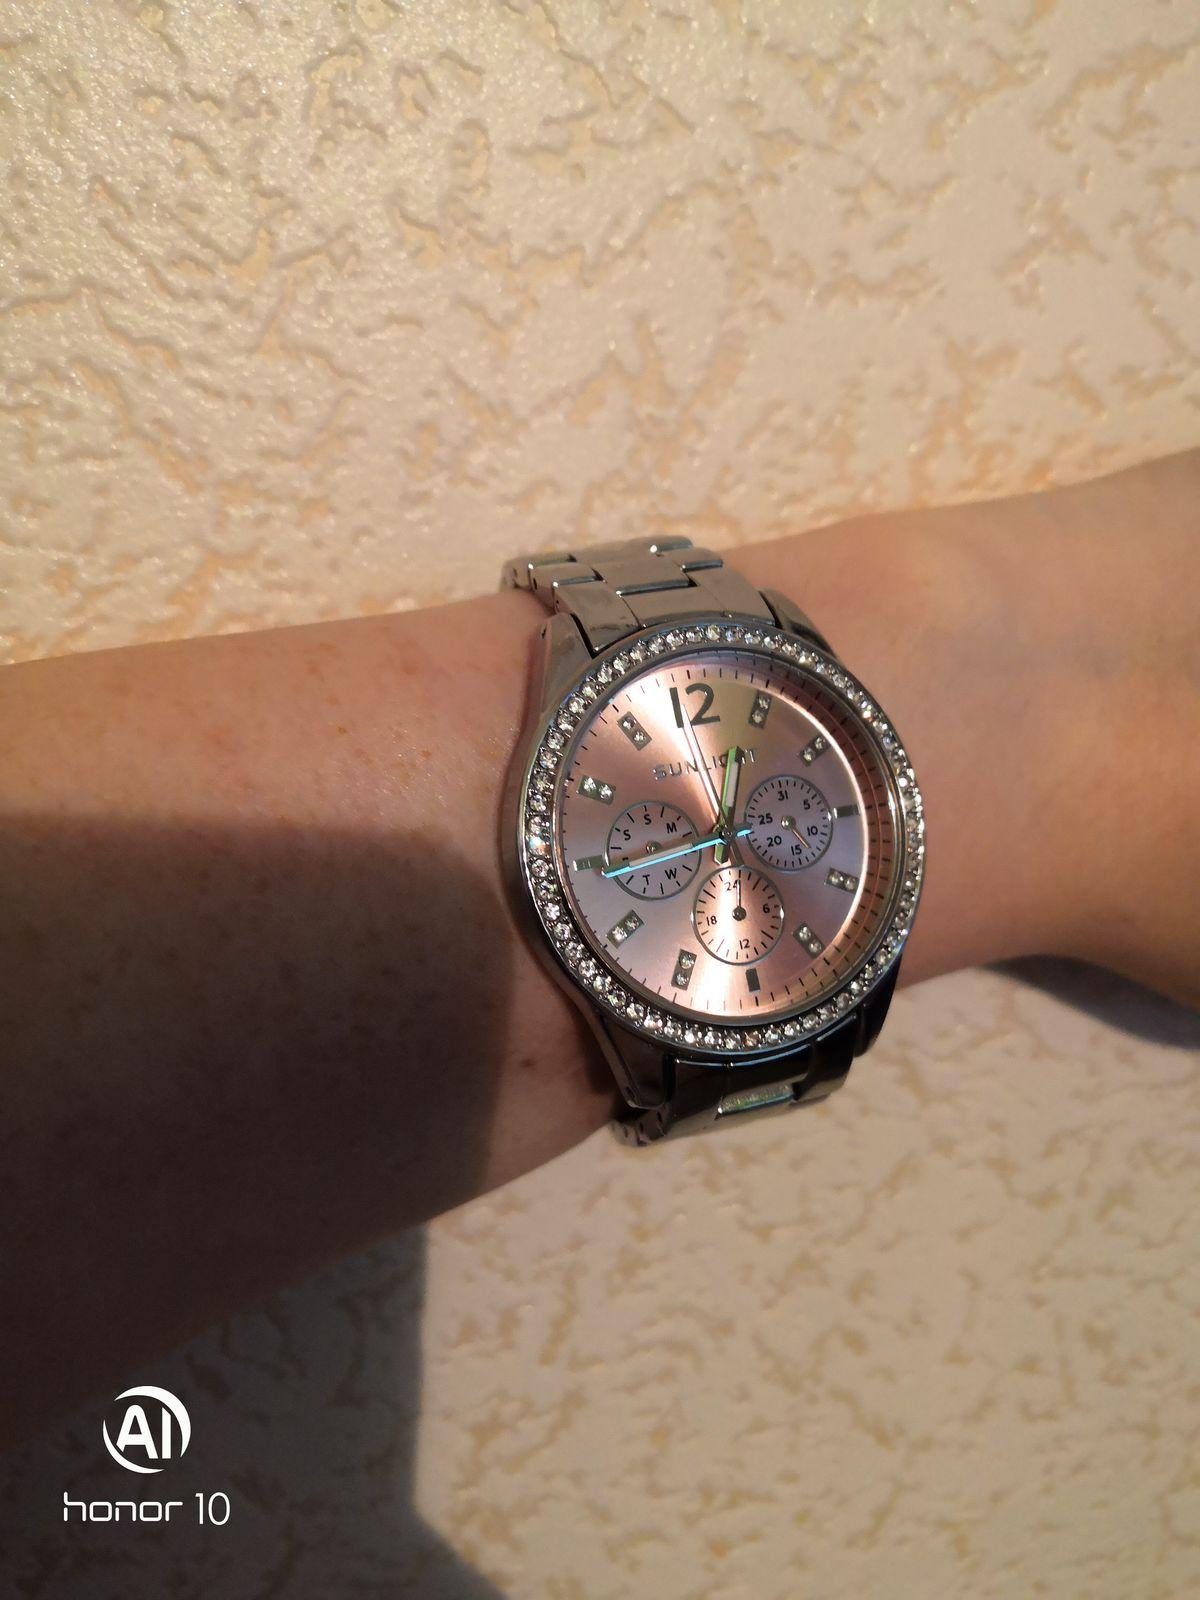 Великолепные часы, ношу уже 4 месяца и не царапины, все работает исправно